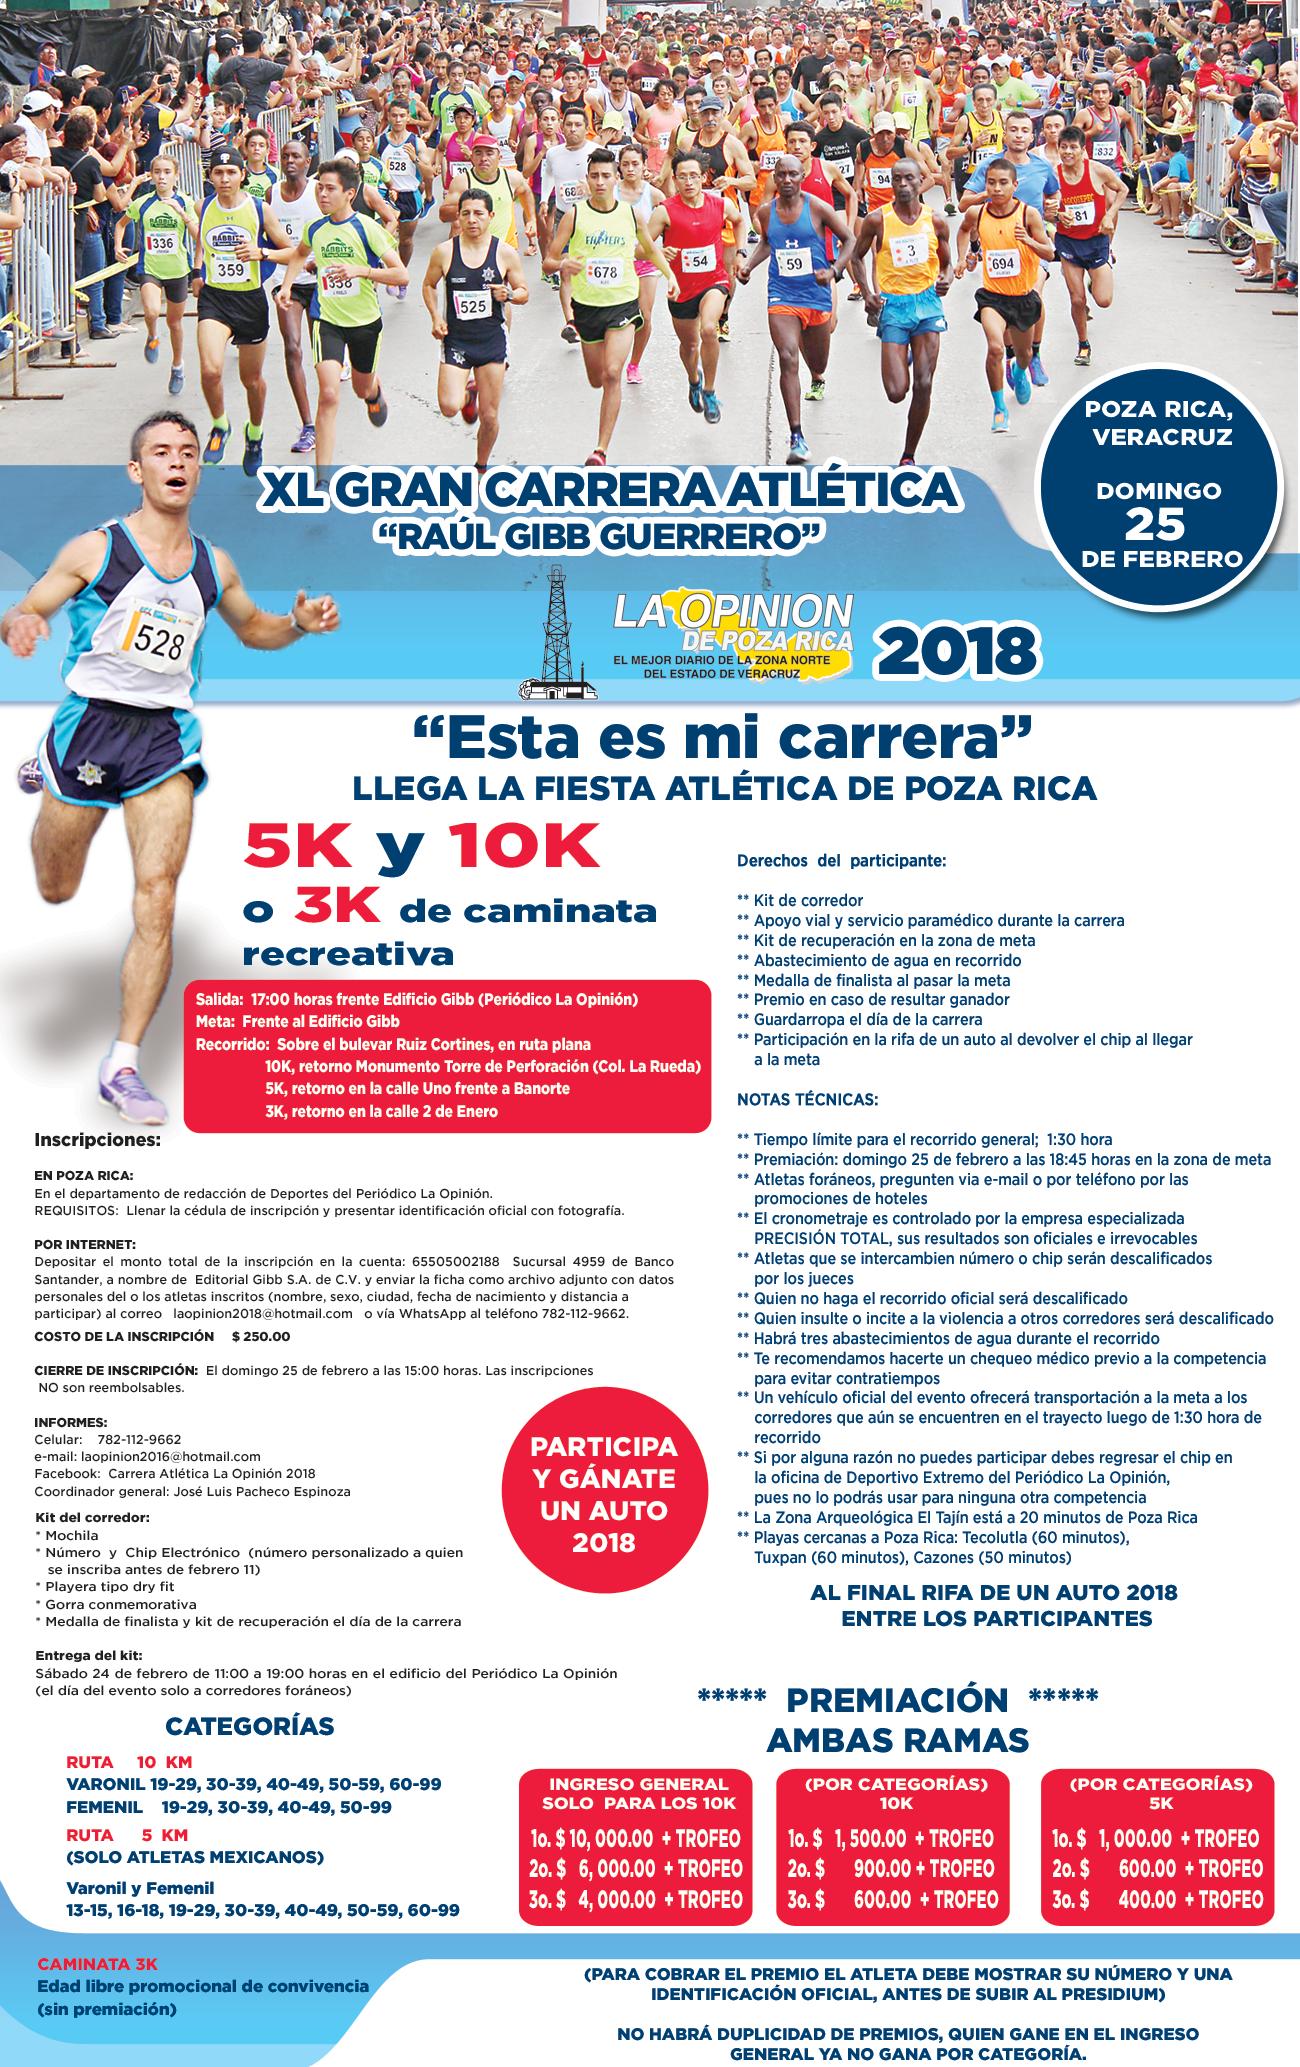 """Convocatoria a la XL Gran Carrera Atlética """"Raúl Gibb Guerrero"""" 2018"""